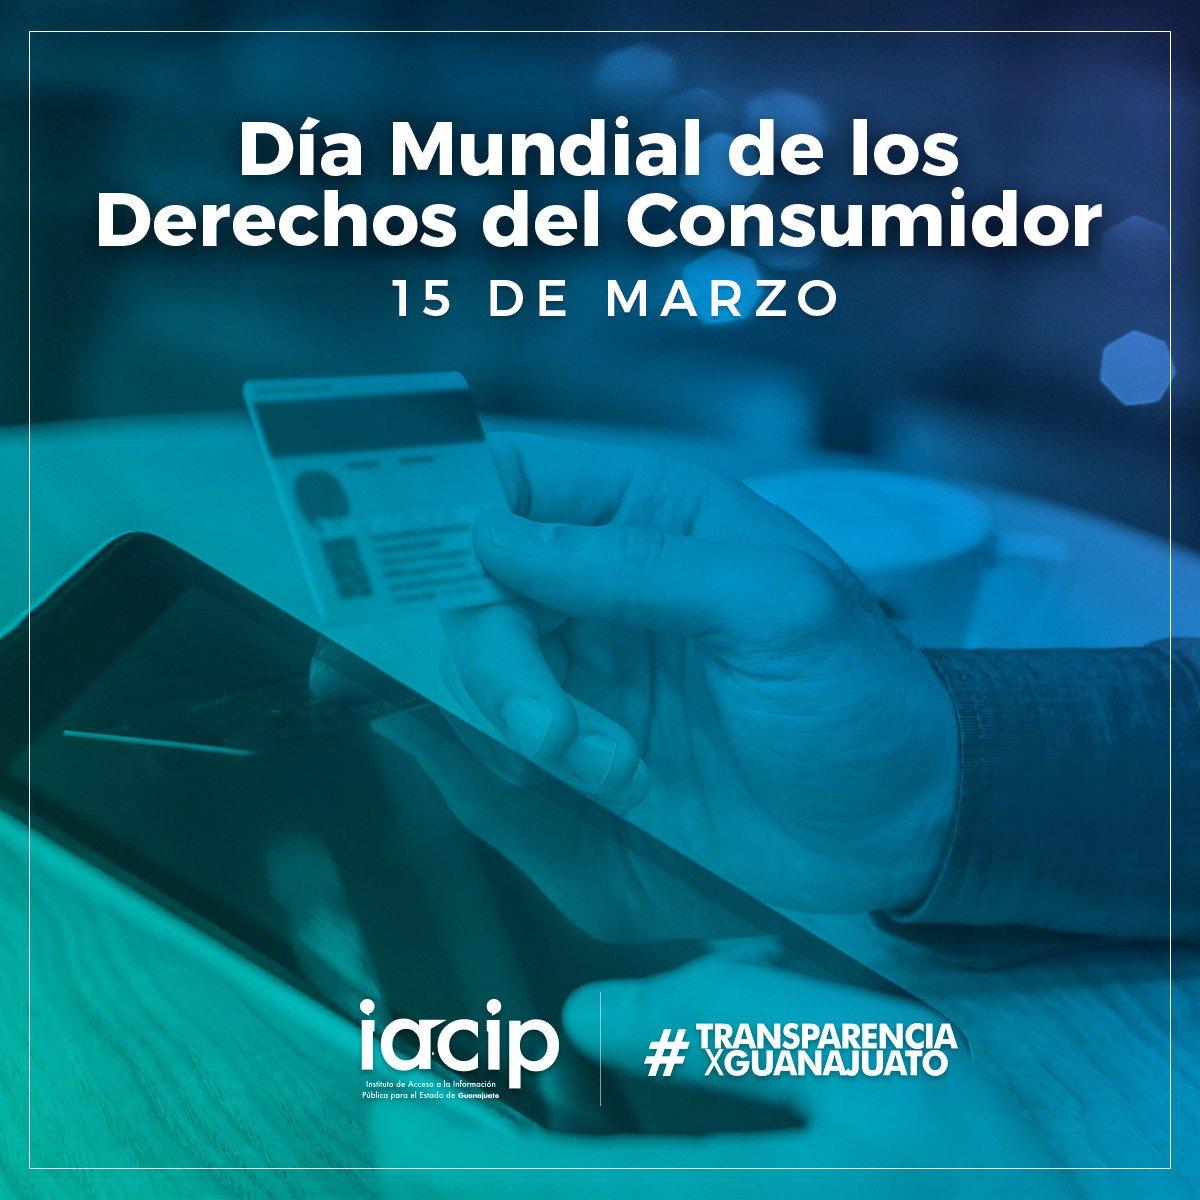 IACIP GTO's photo on Consumidores